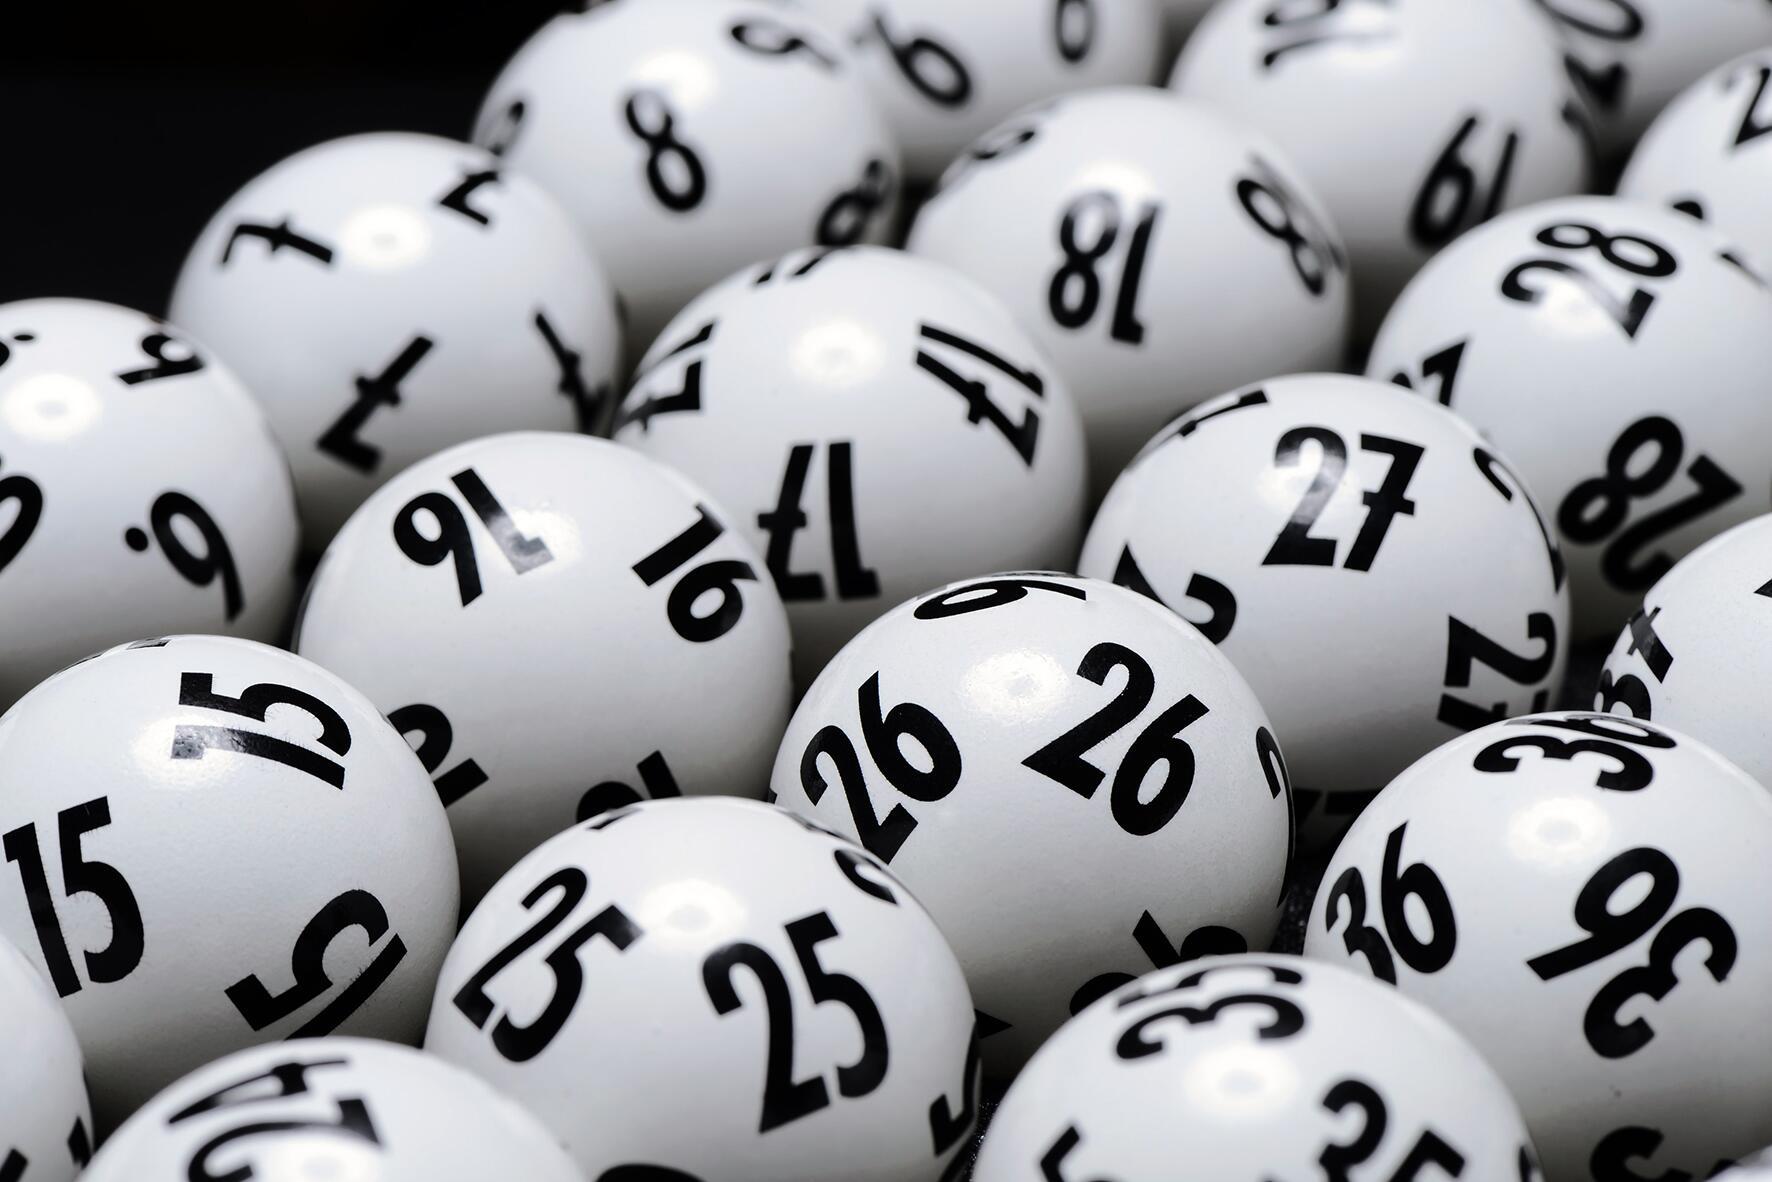 lottozahlen samstag ziehung 6 aus 49 heute abend 20.15